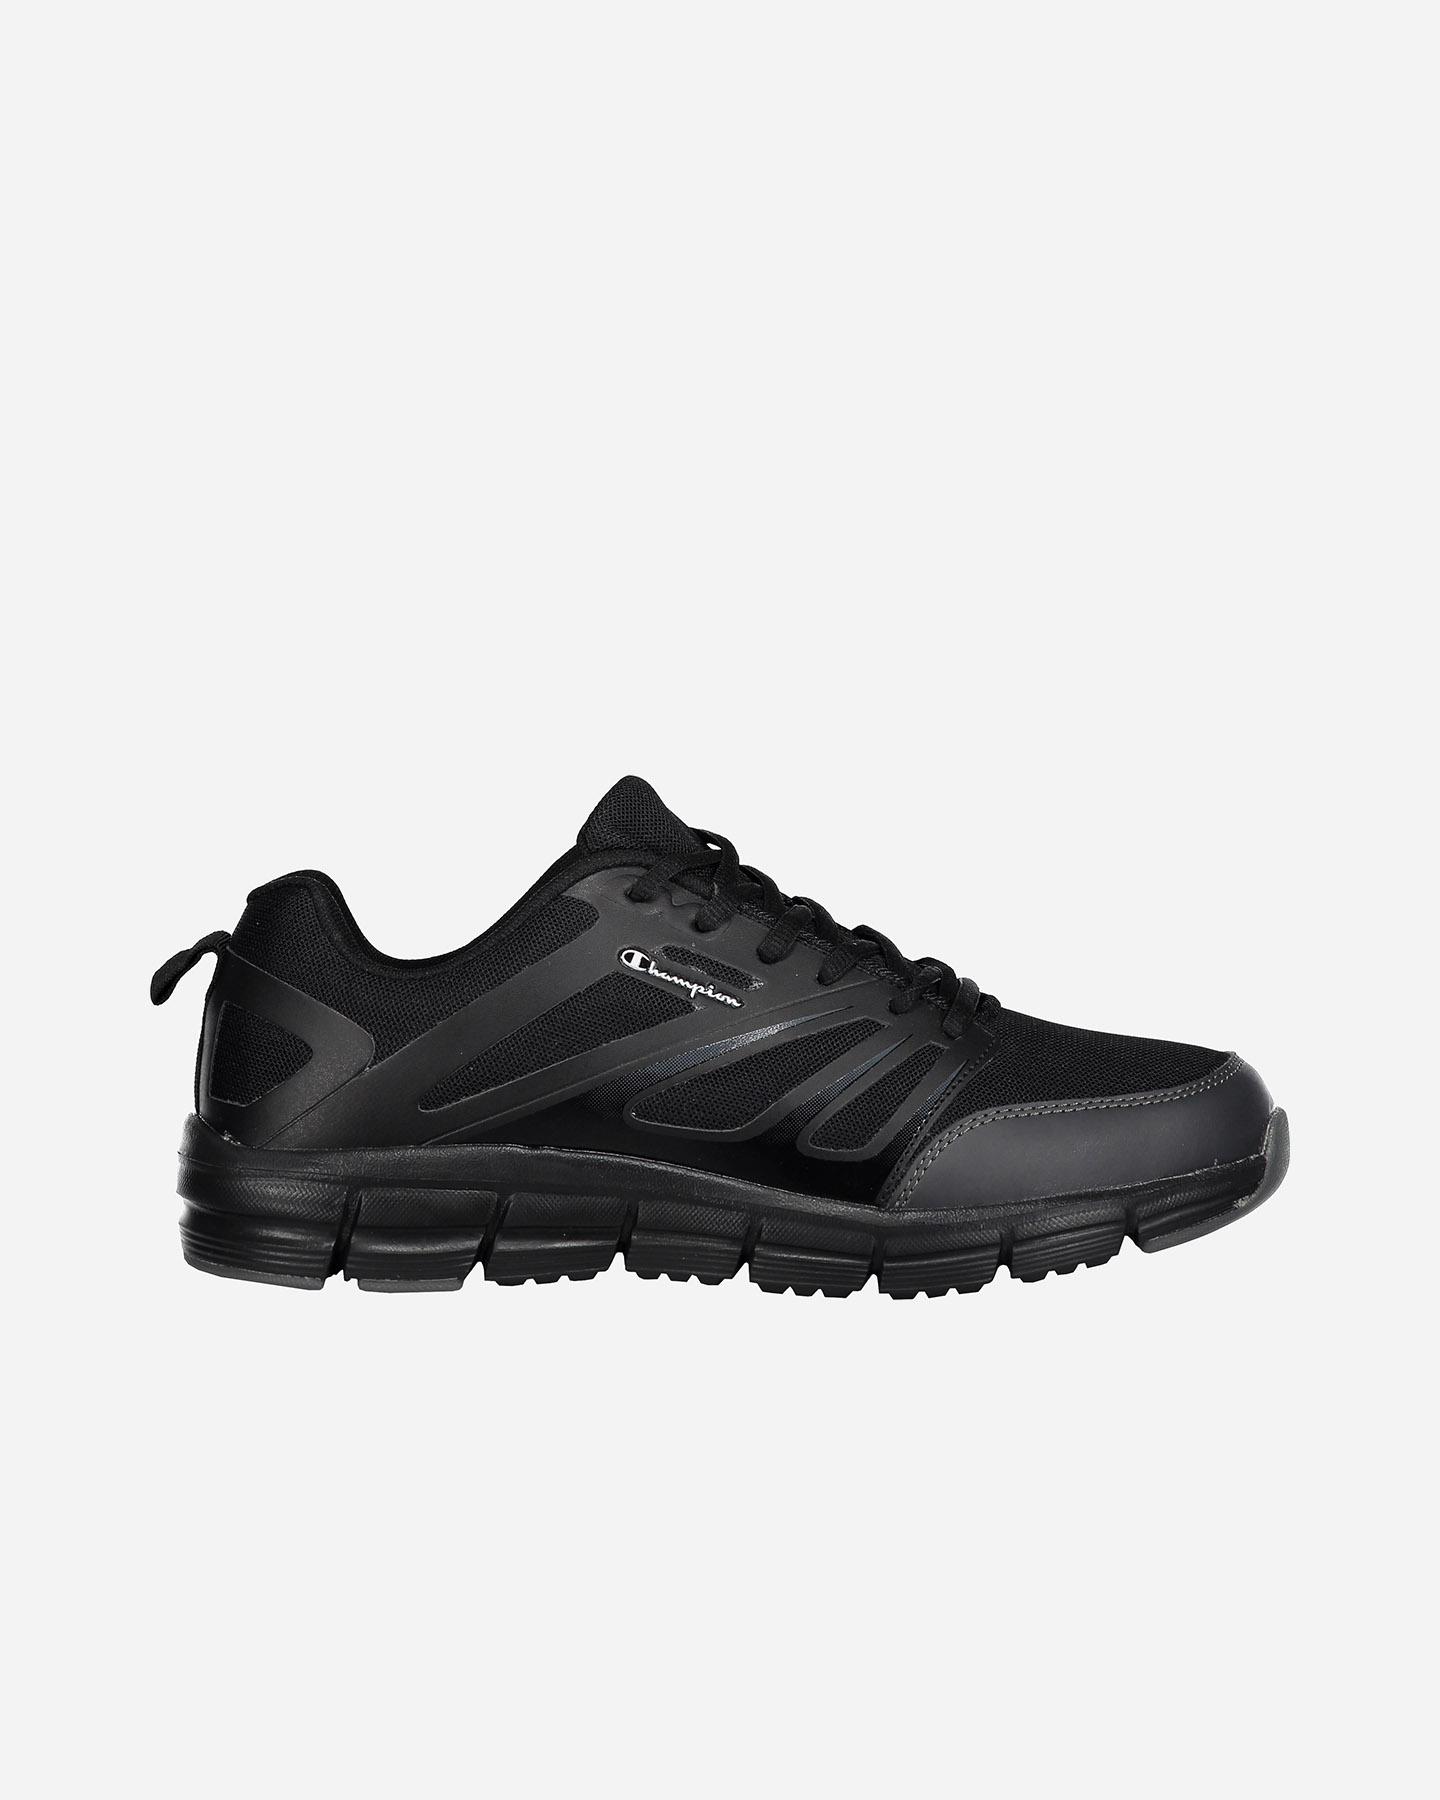 9bab560021f82 Acquista 2 OFF QUALSIASI che scarpe usa cristiano ronaldo CASE E ...